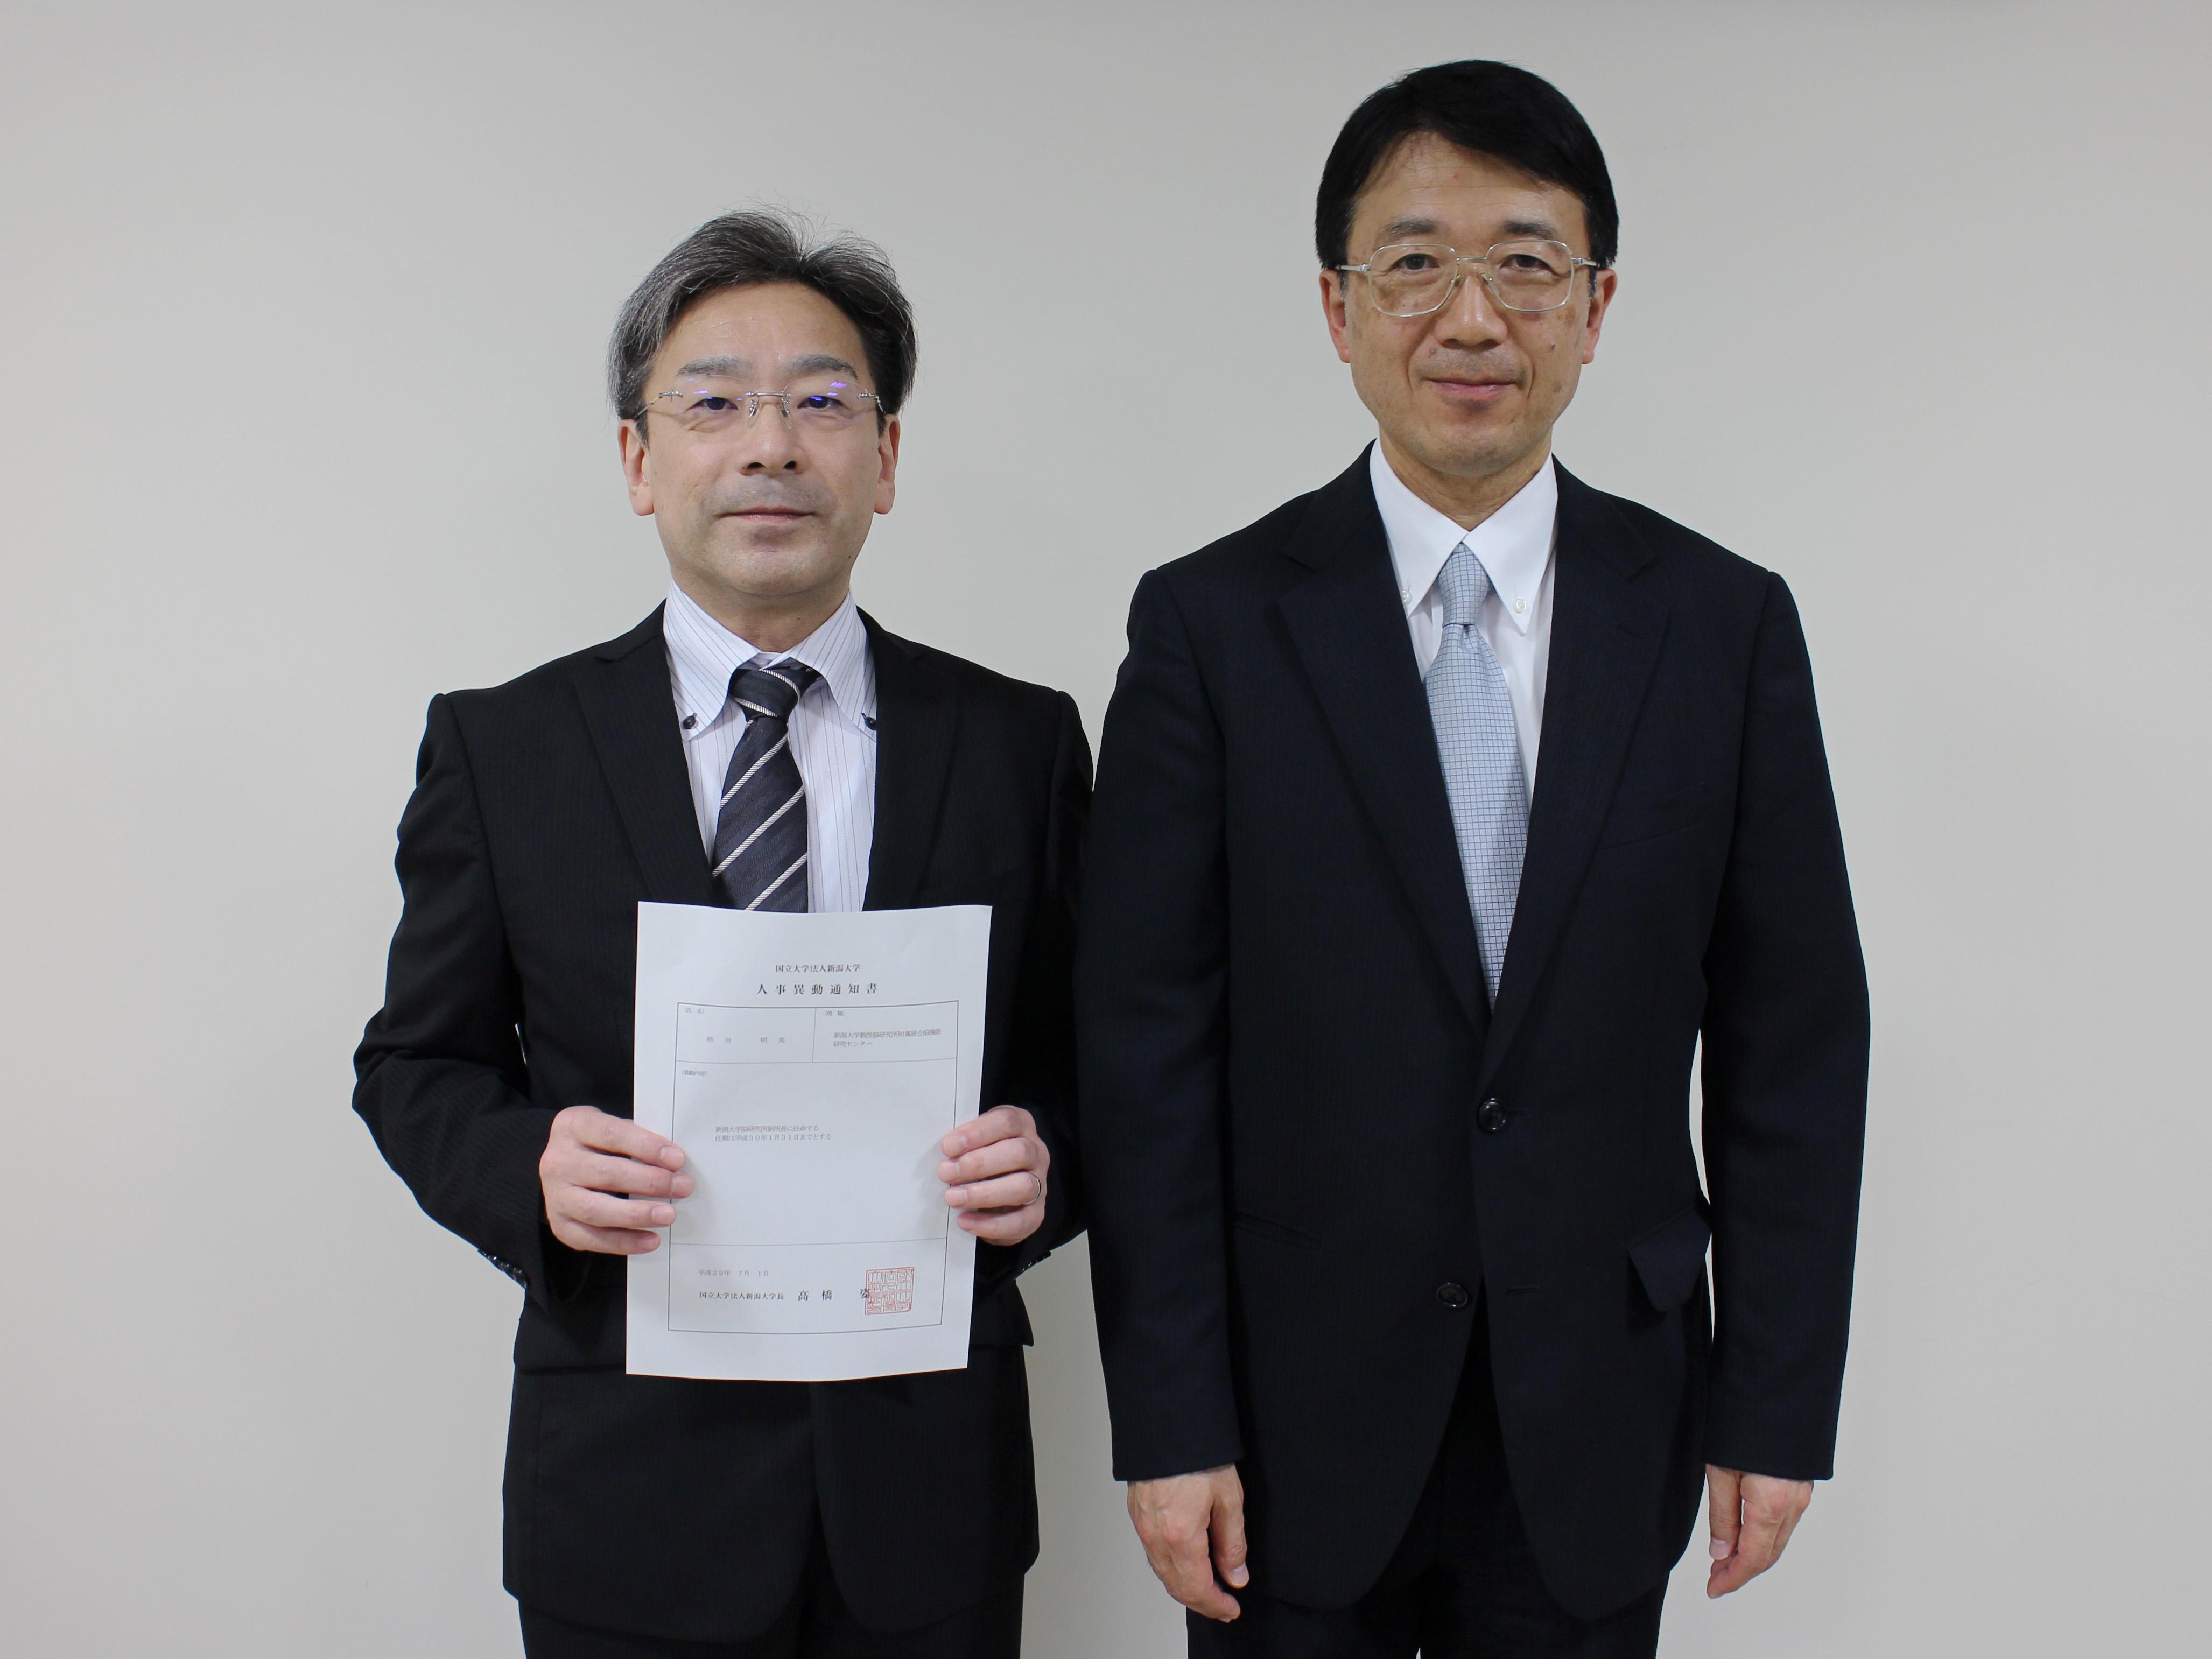 柿田教授が脳研究所副所長に就任しました